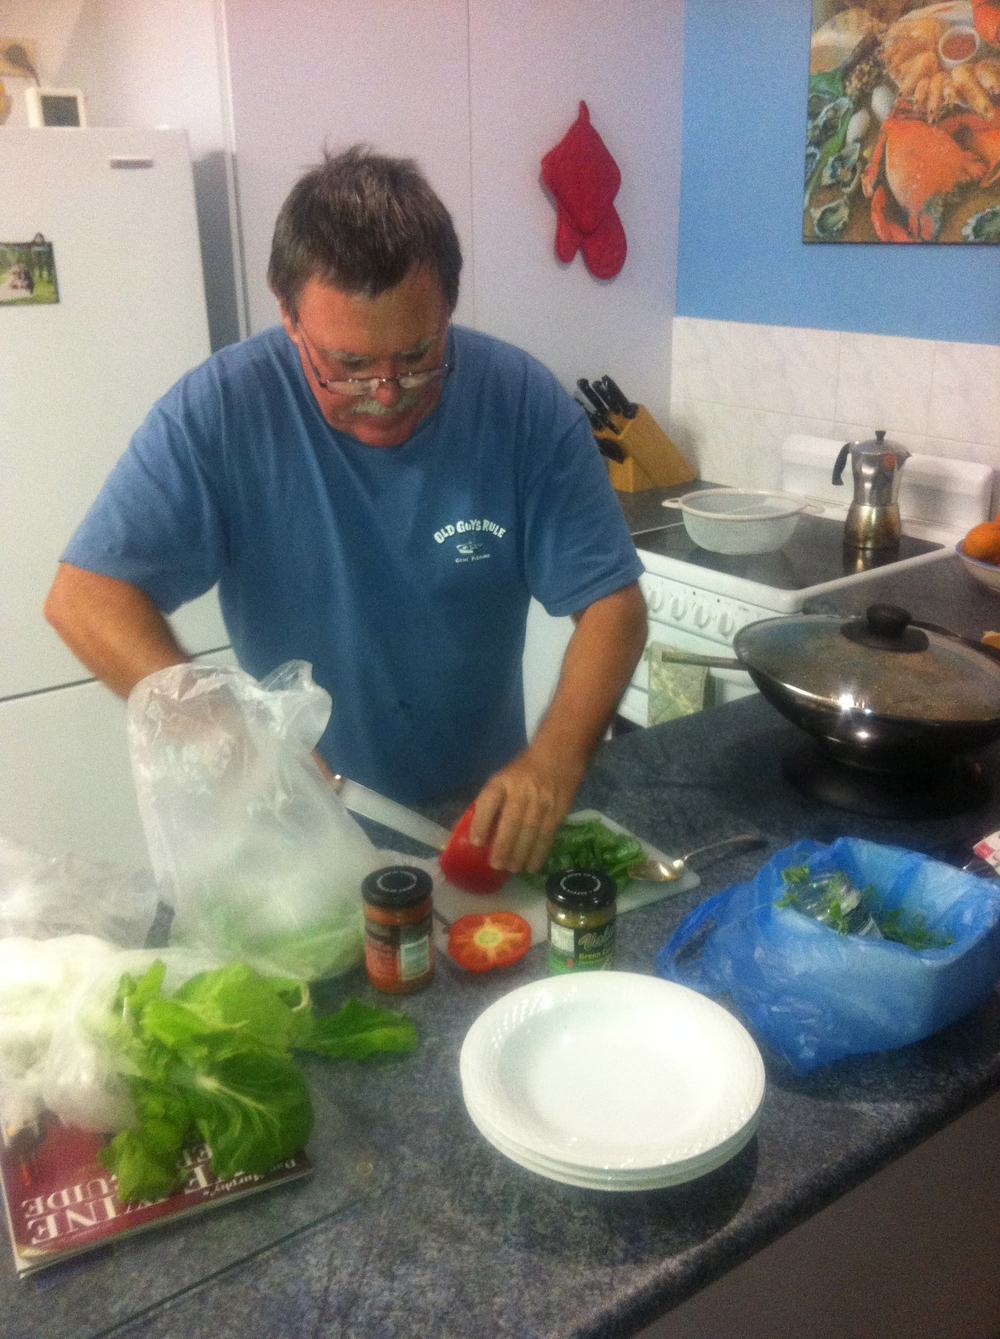 Dennis making dinner